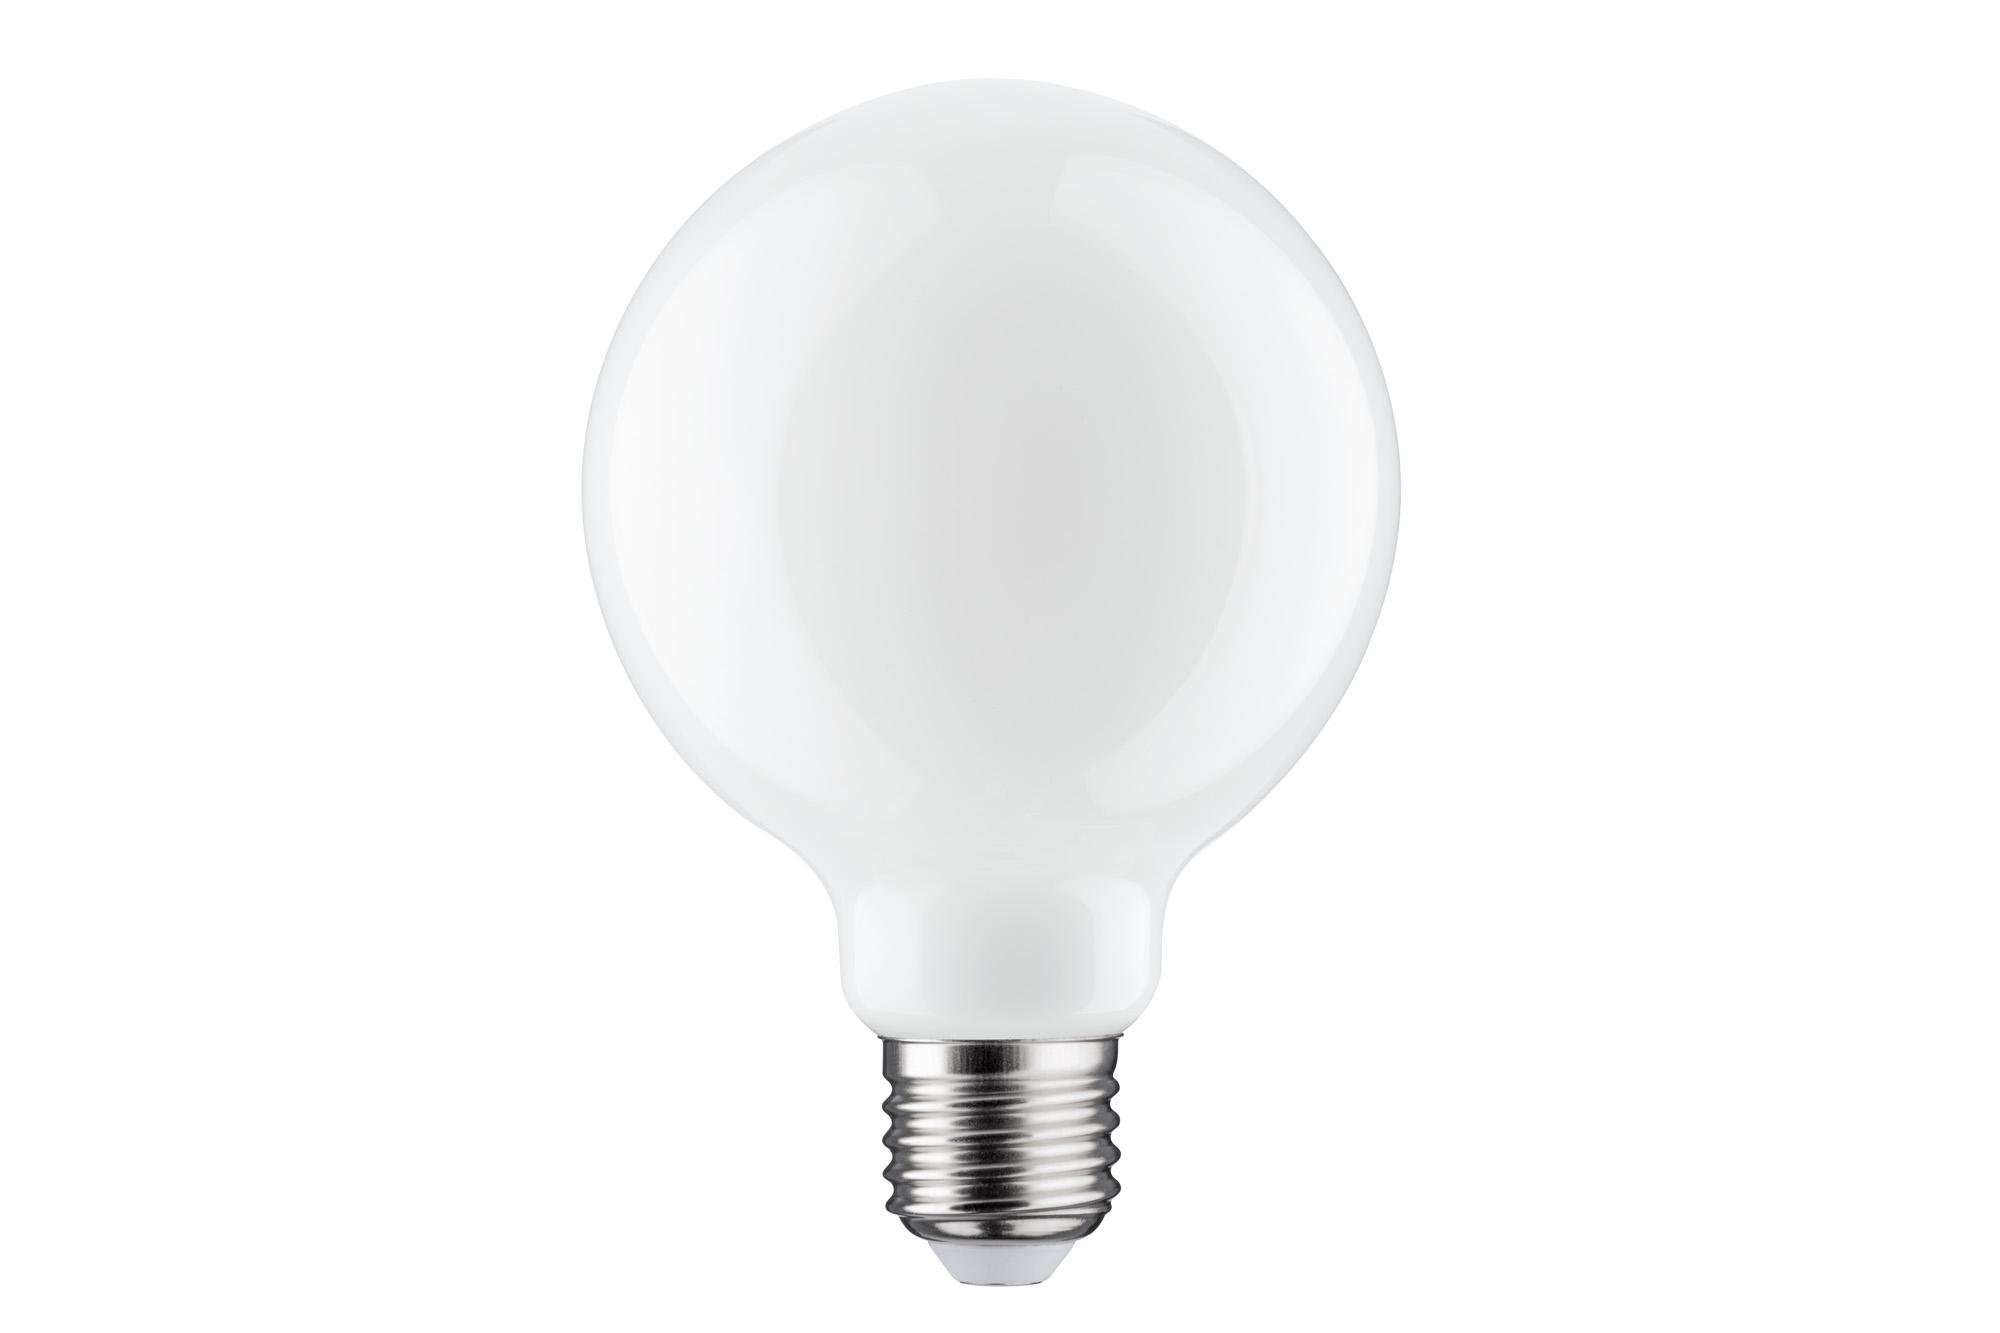 PAULMANN P 28487 led žárovka E27 6W > 80 Ra